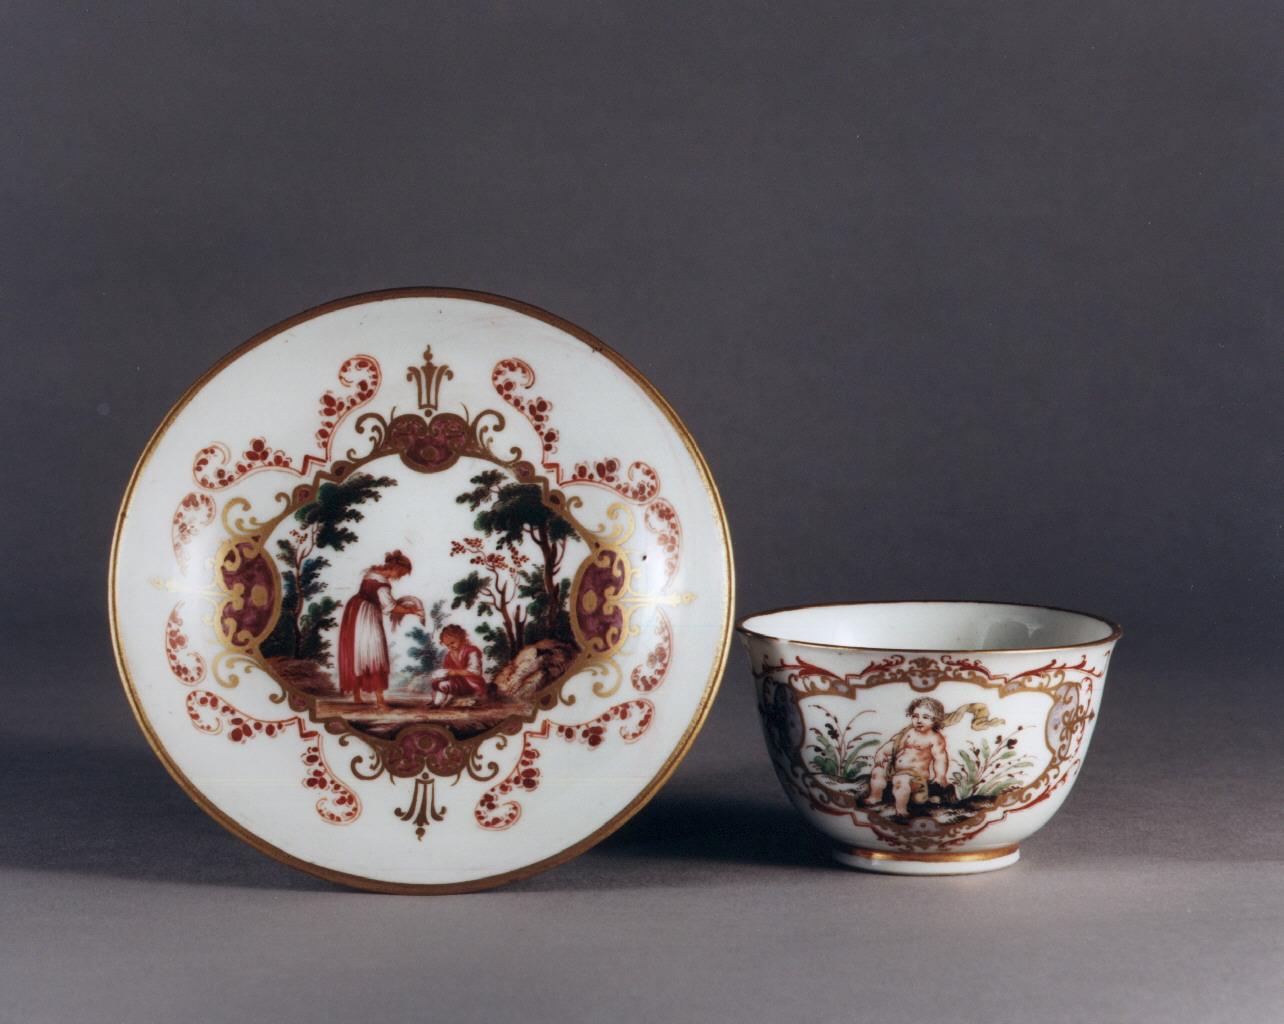 scena campestre con figure (servizio da caffè, insieme) - manifattura Richard-Ginori (sec. XVIII)